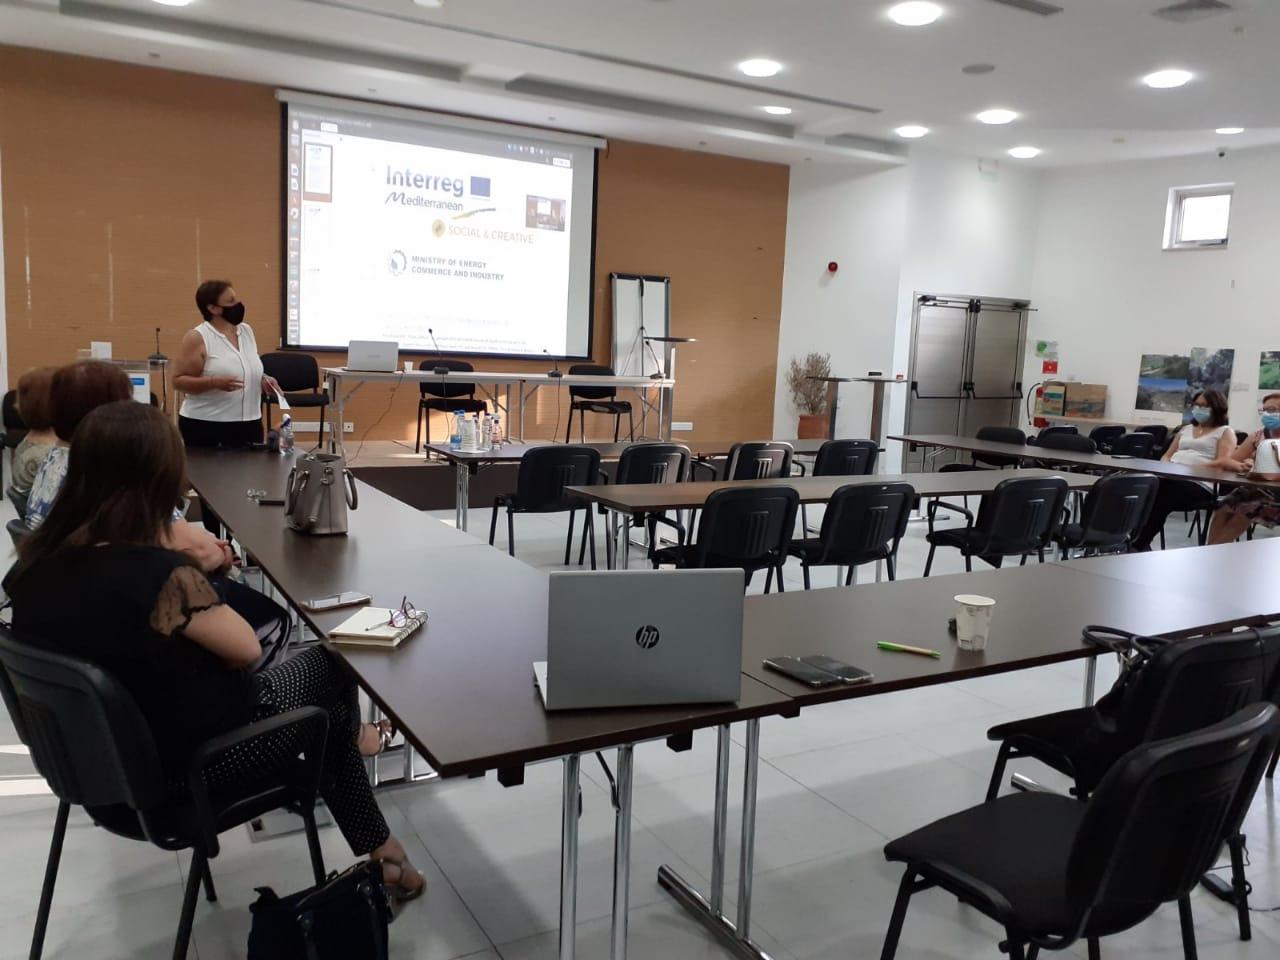 2η συνάντηση εμπλεκόμενων μερών (stakeholder group) για το έργο Creative wear  (φώτο)